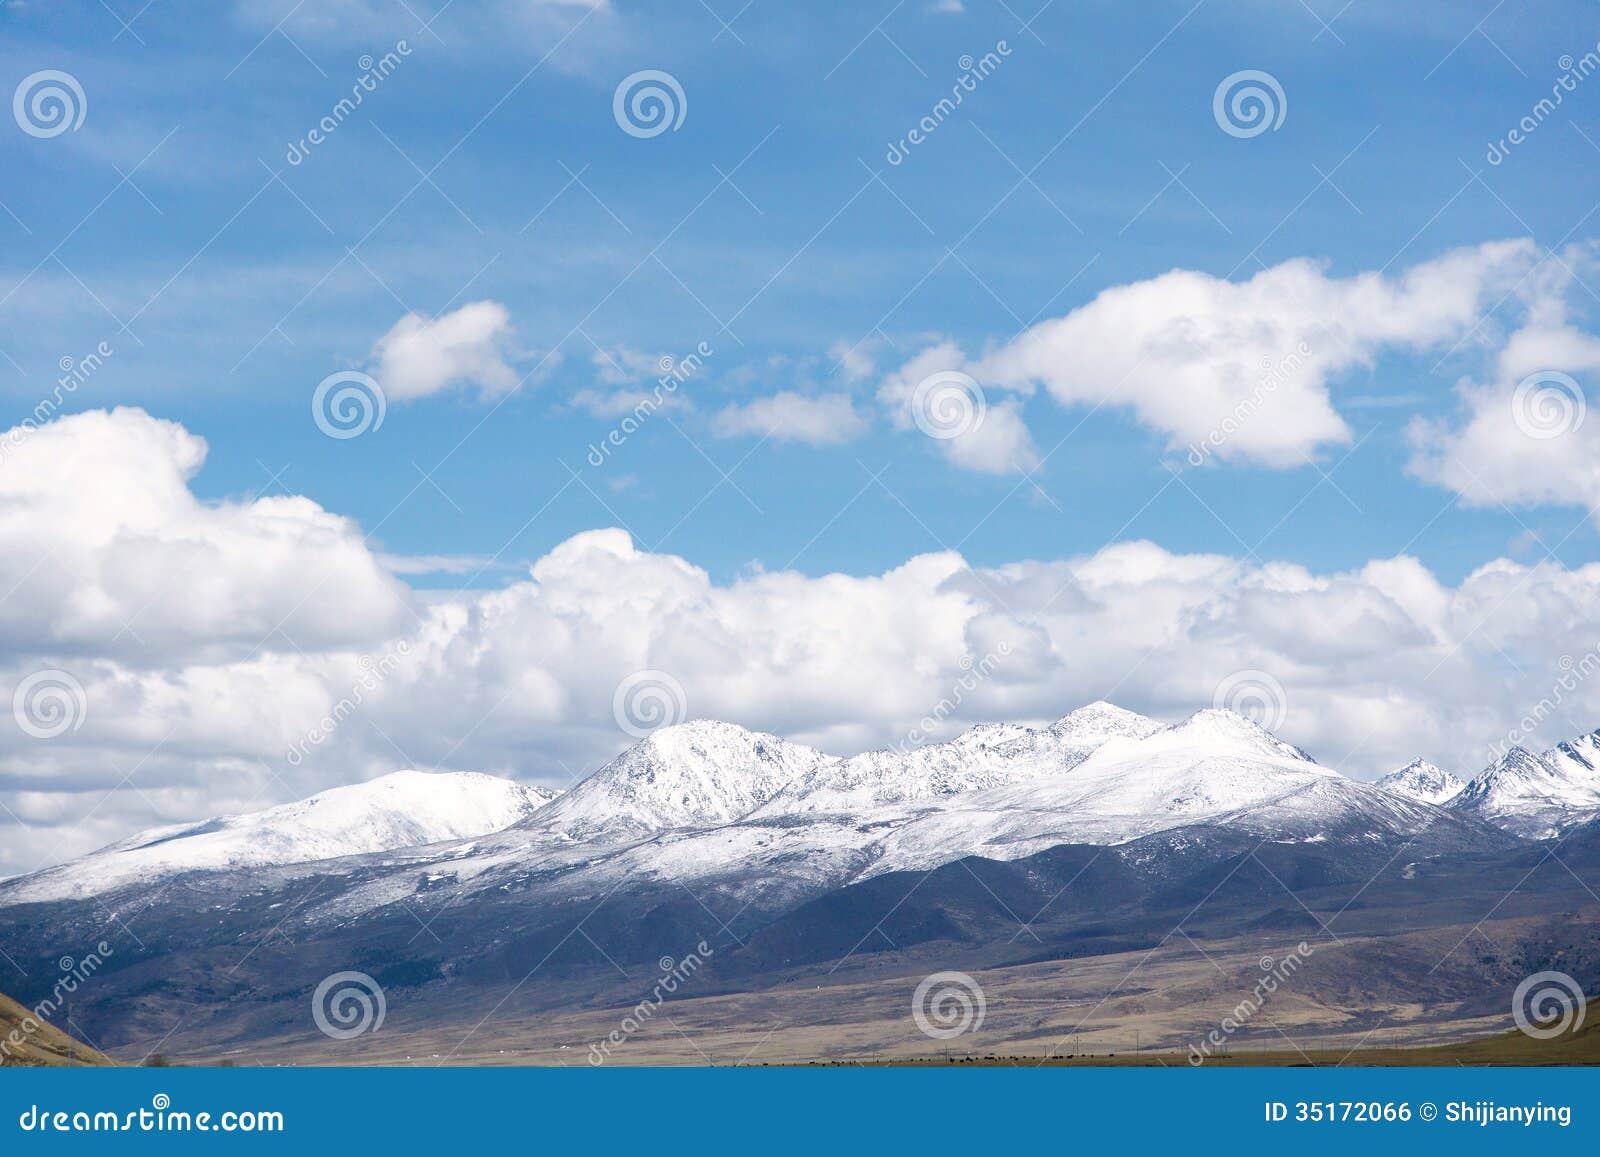 landscape sky clouds snow - photo #13